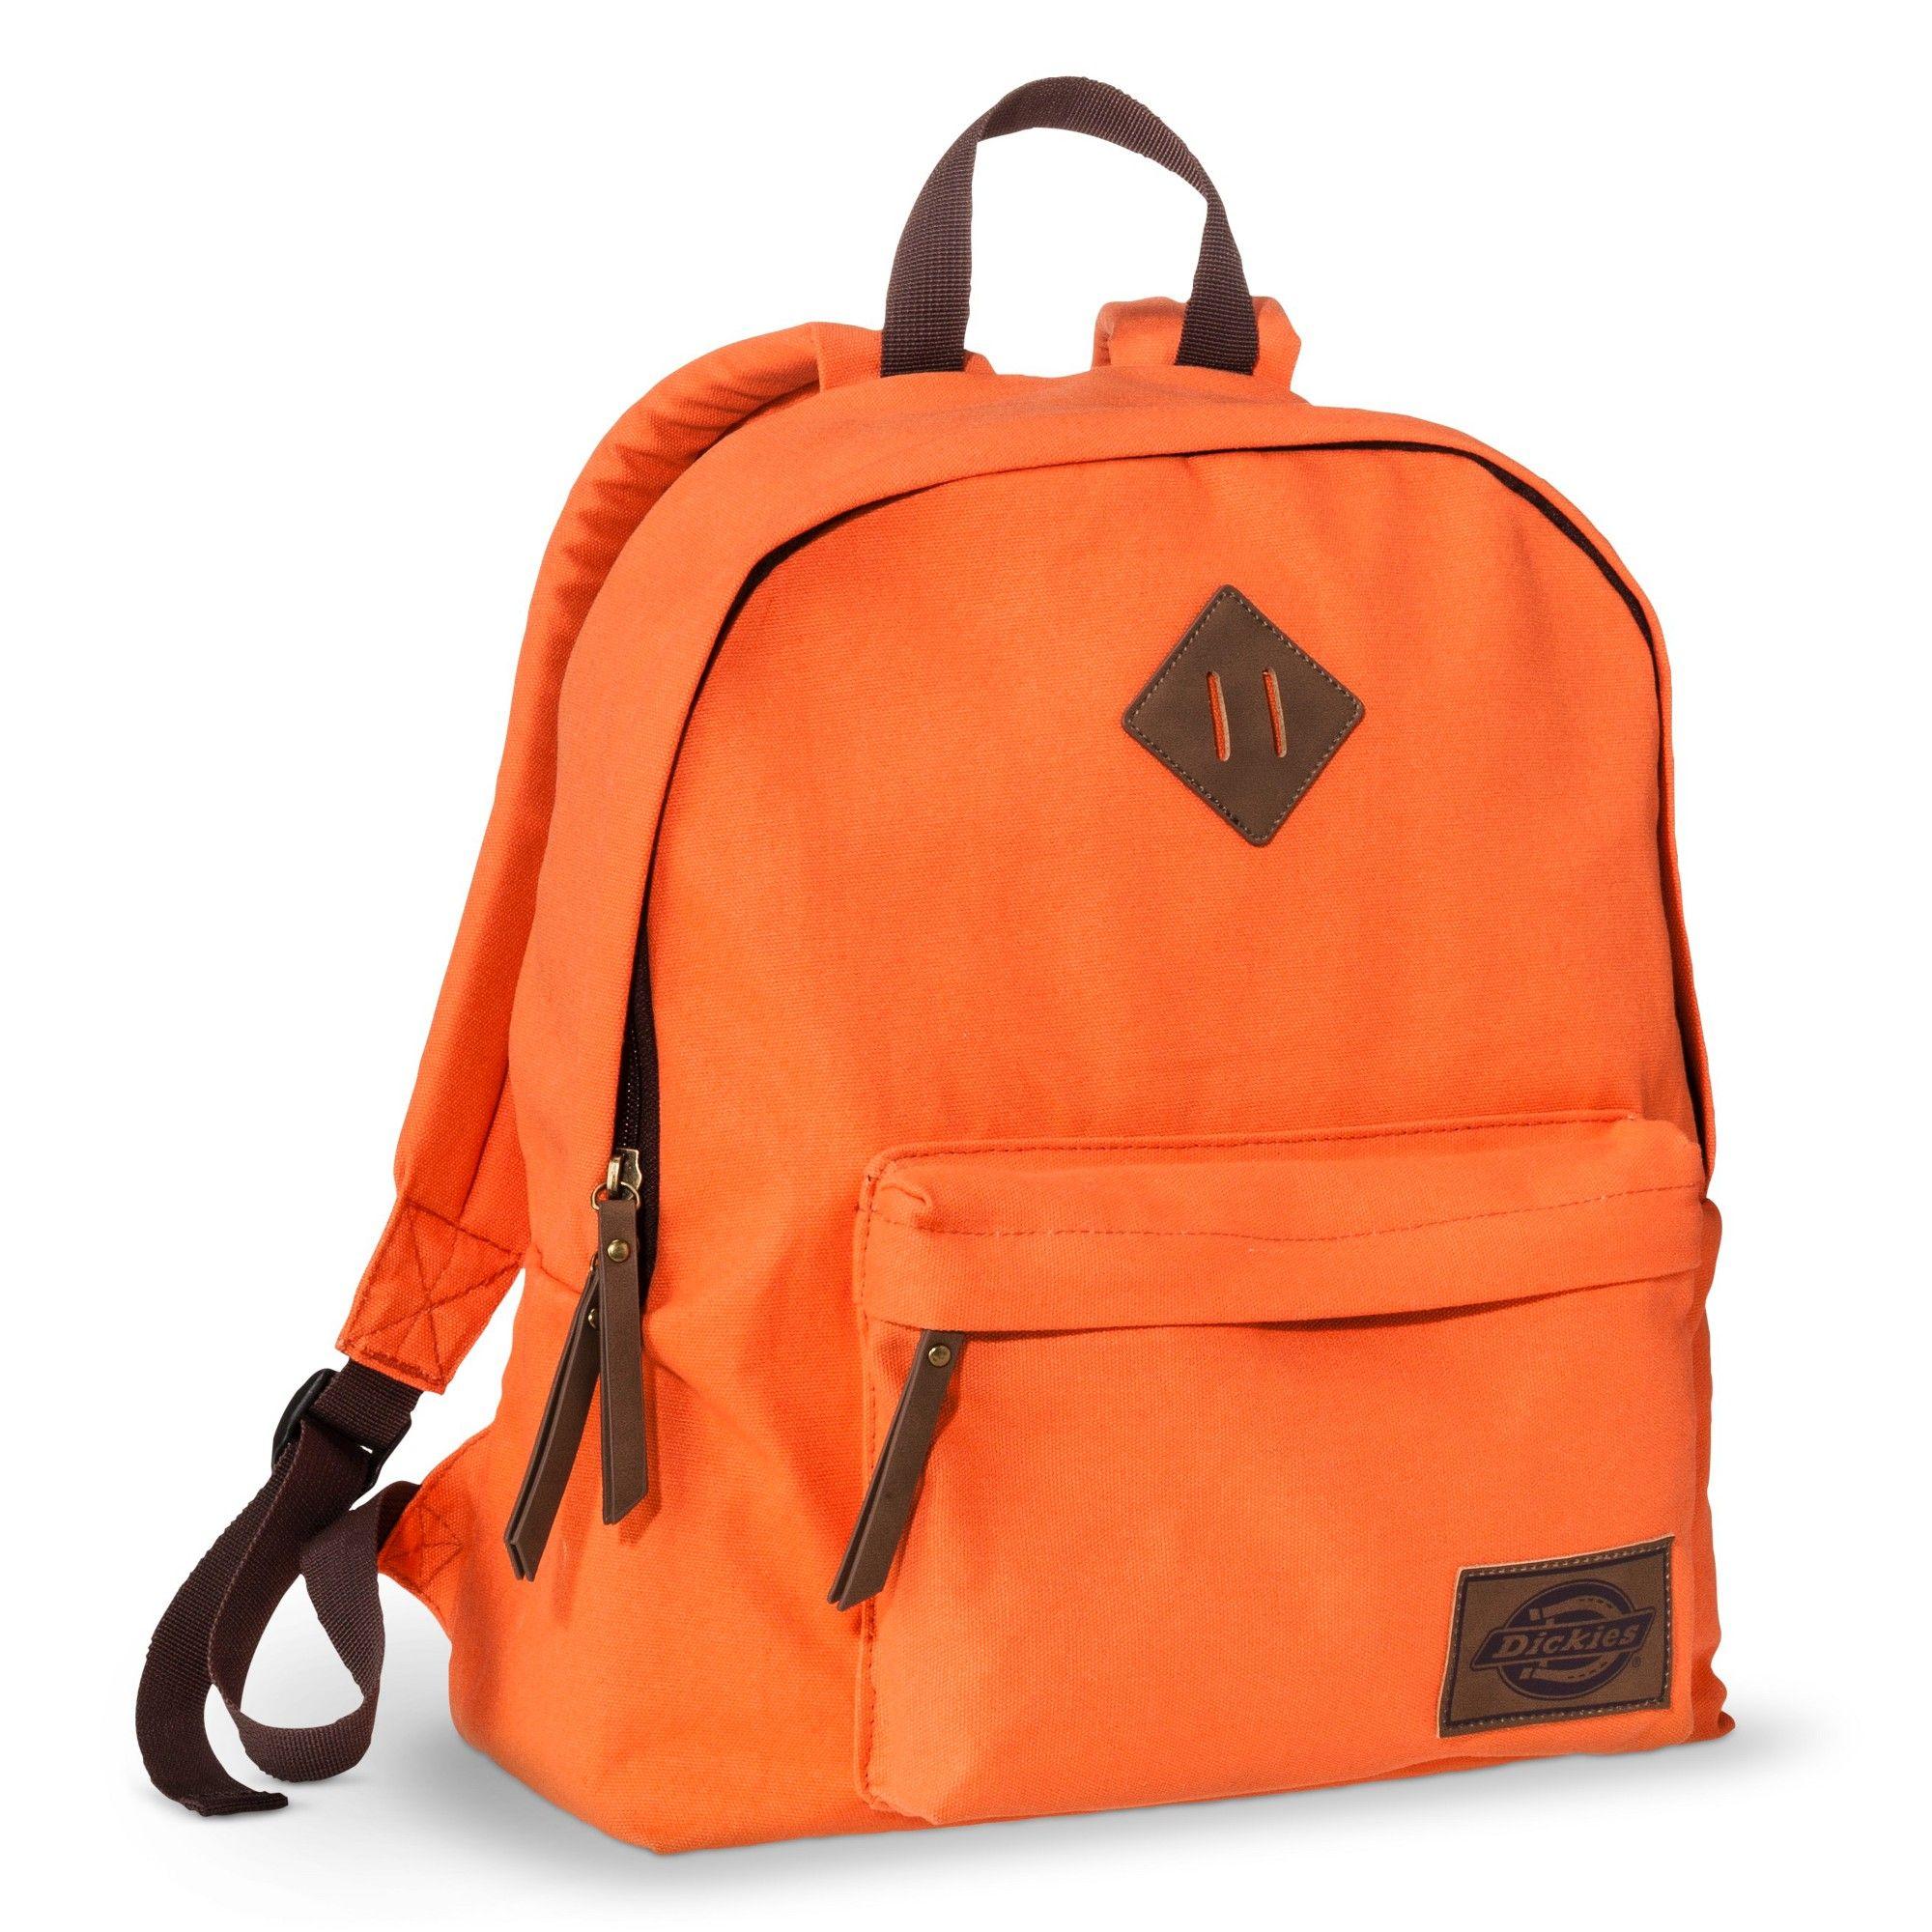 5c28069c9381 Dickies Men s Classic Canvas Backpack - Burnt Orange